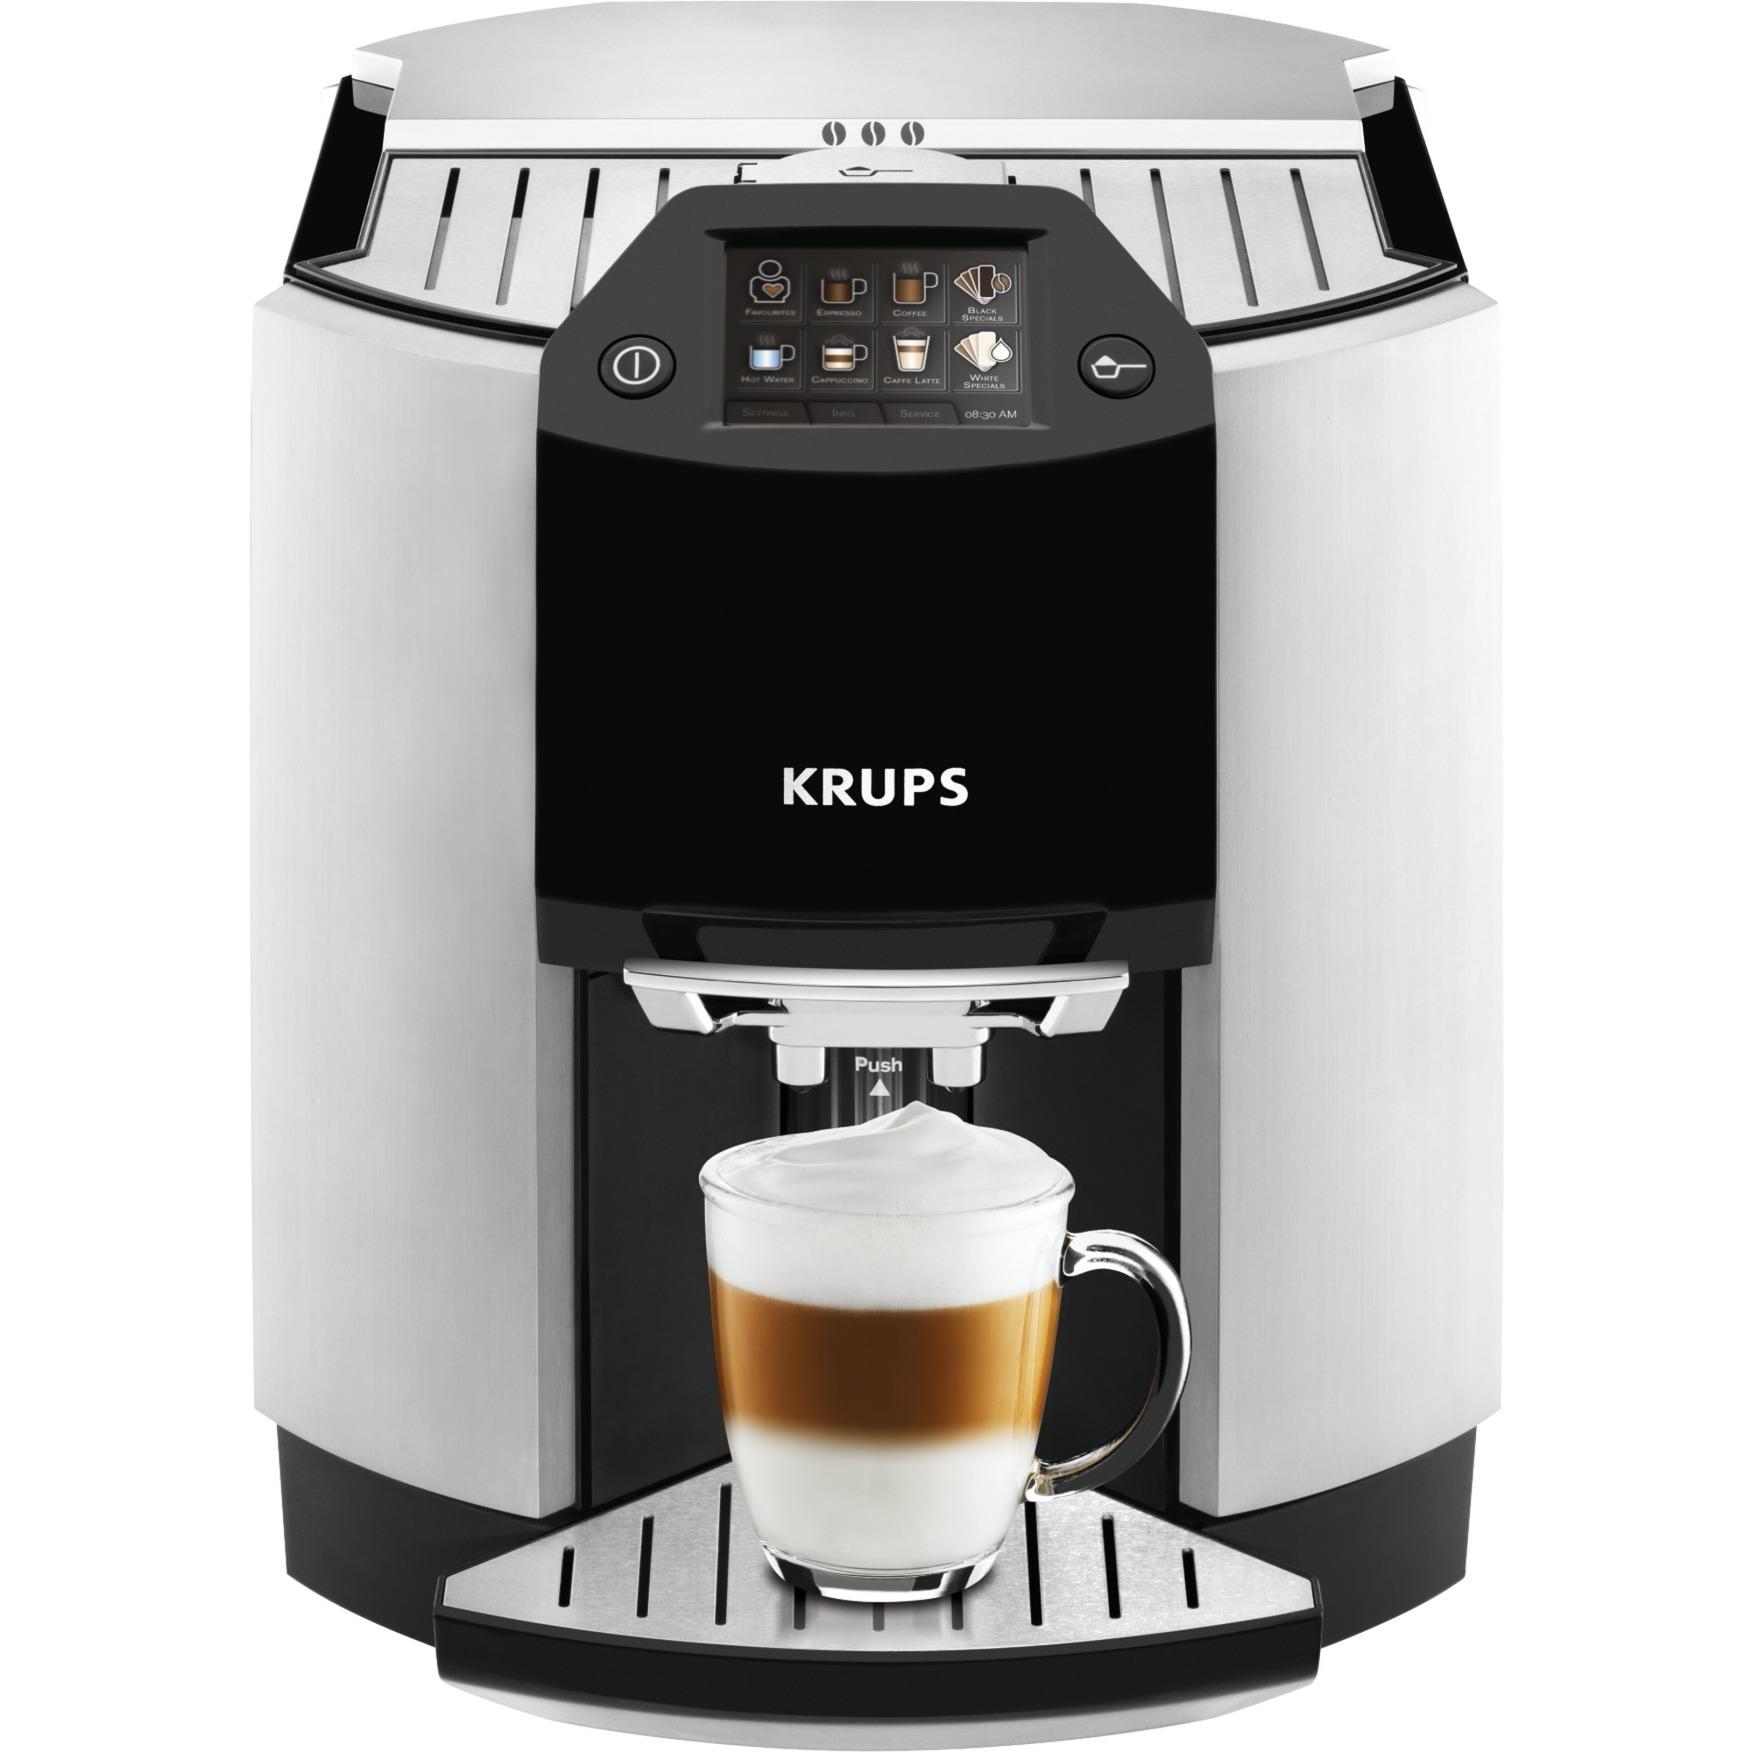 EA 9010 Independiente Totalmente automática Máquina espresso 1.7L Negro, Color blanco cafetera eléctrica, Superautomática